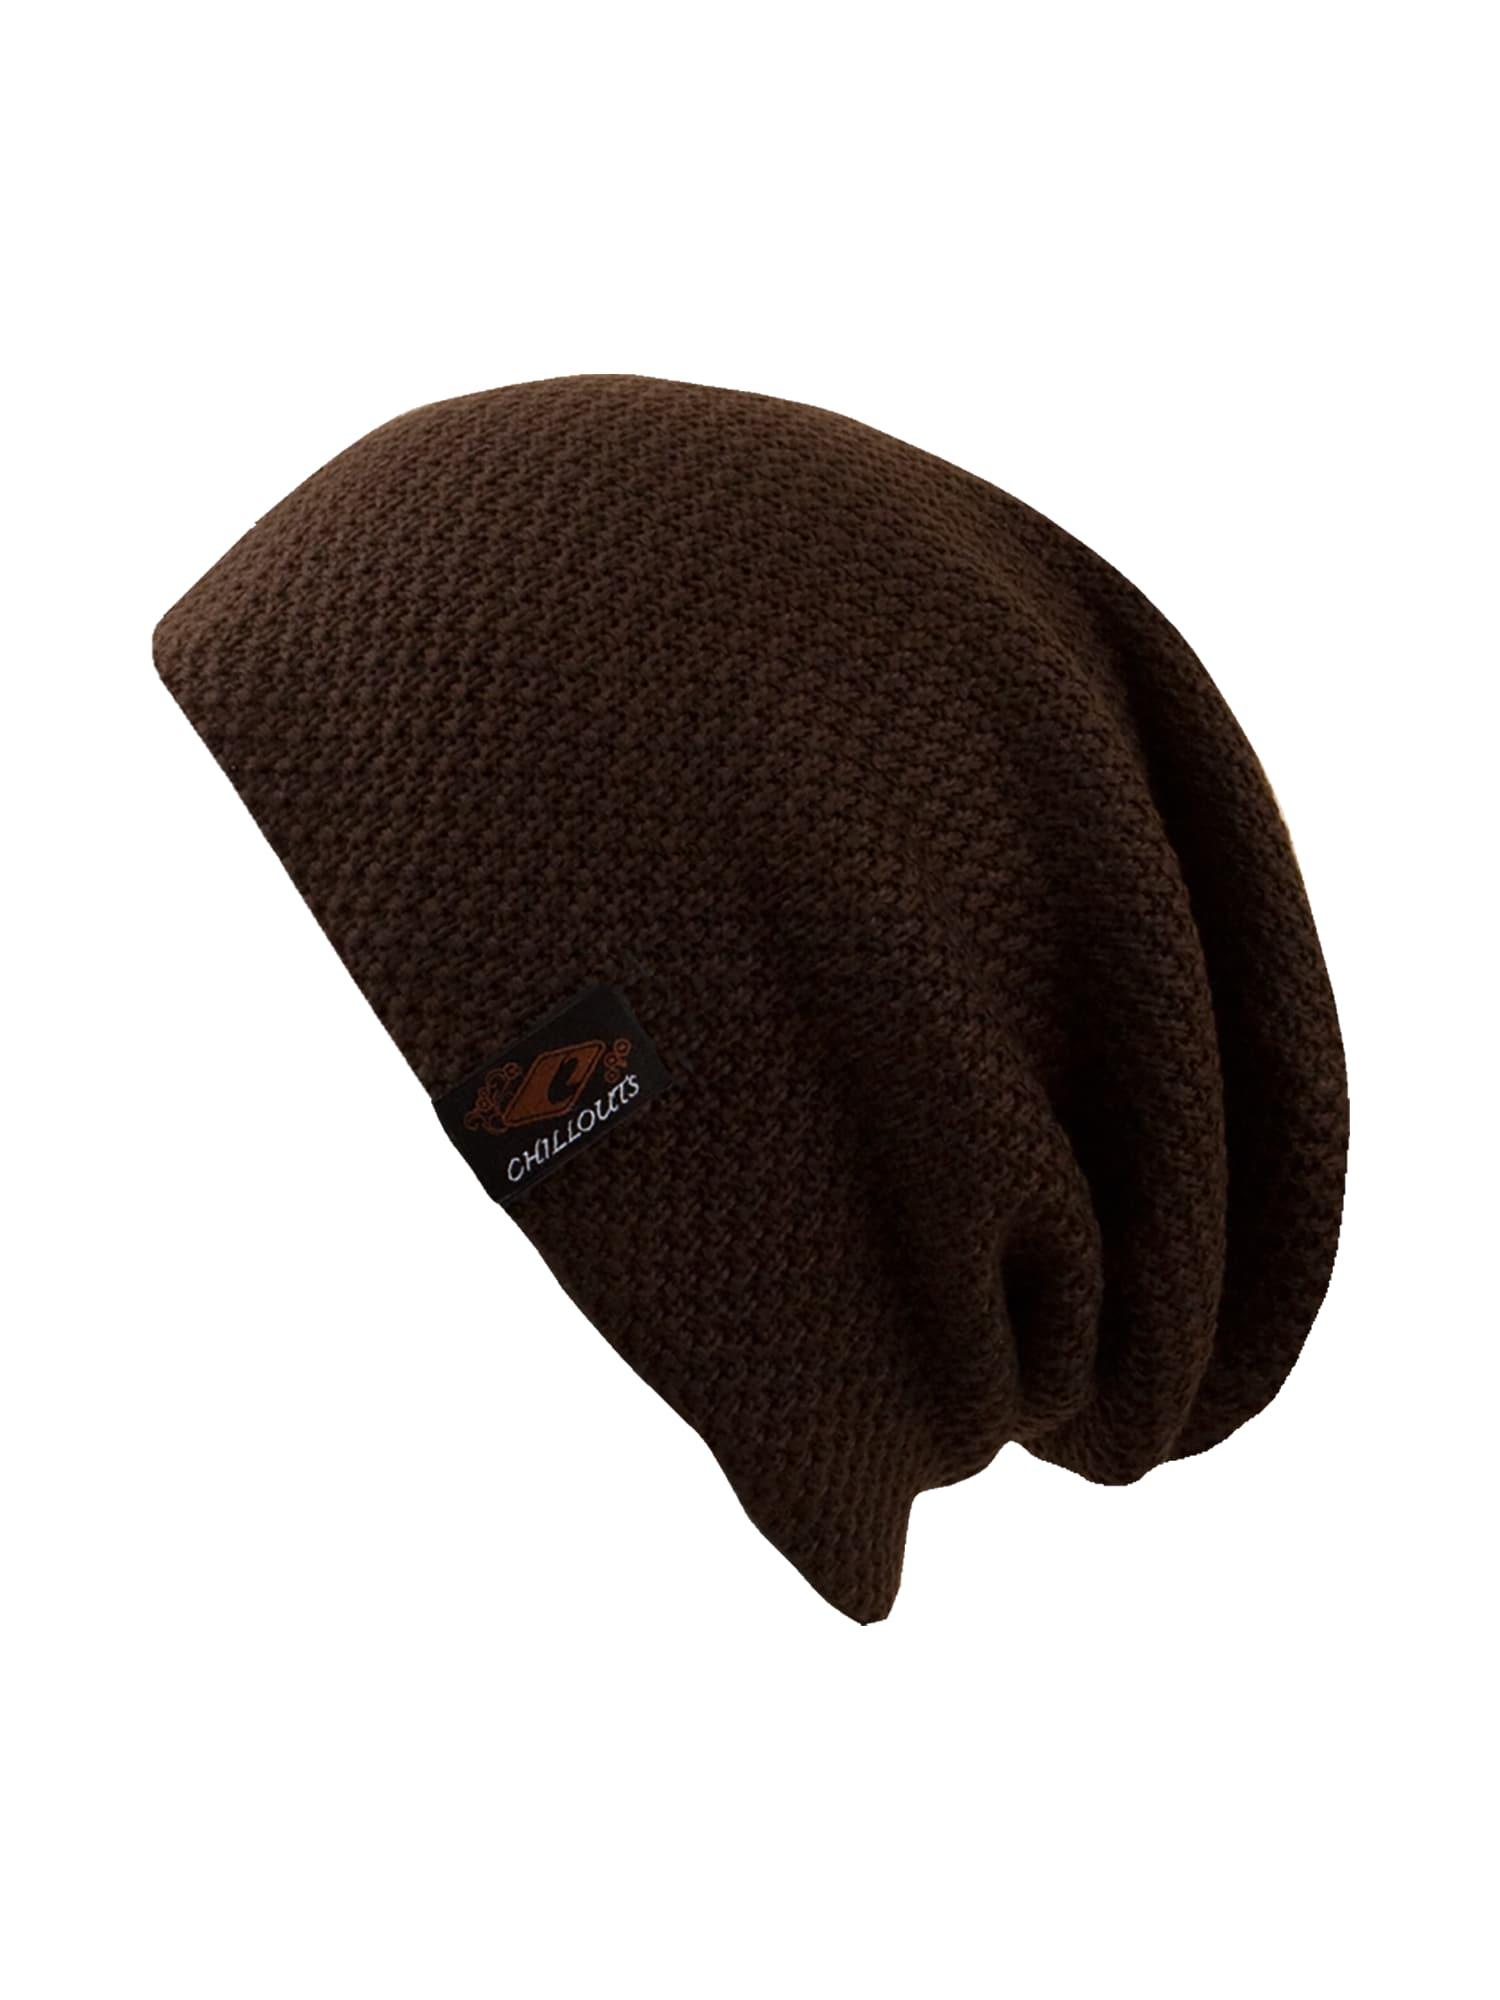 Čepice Osaka Hat tmavě hnědá Chillouts